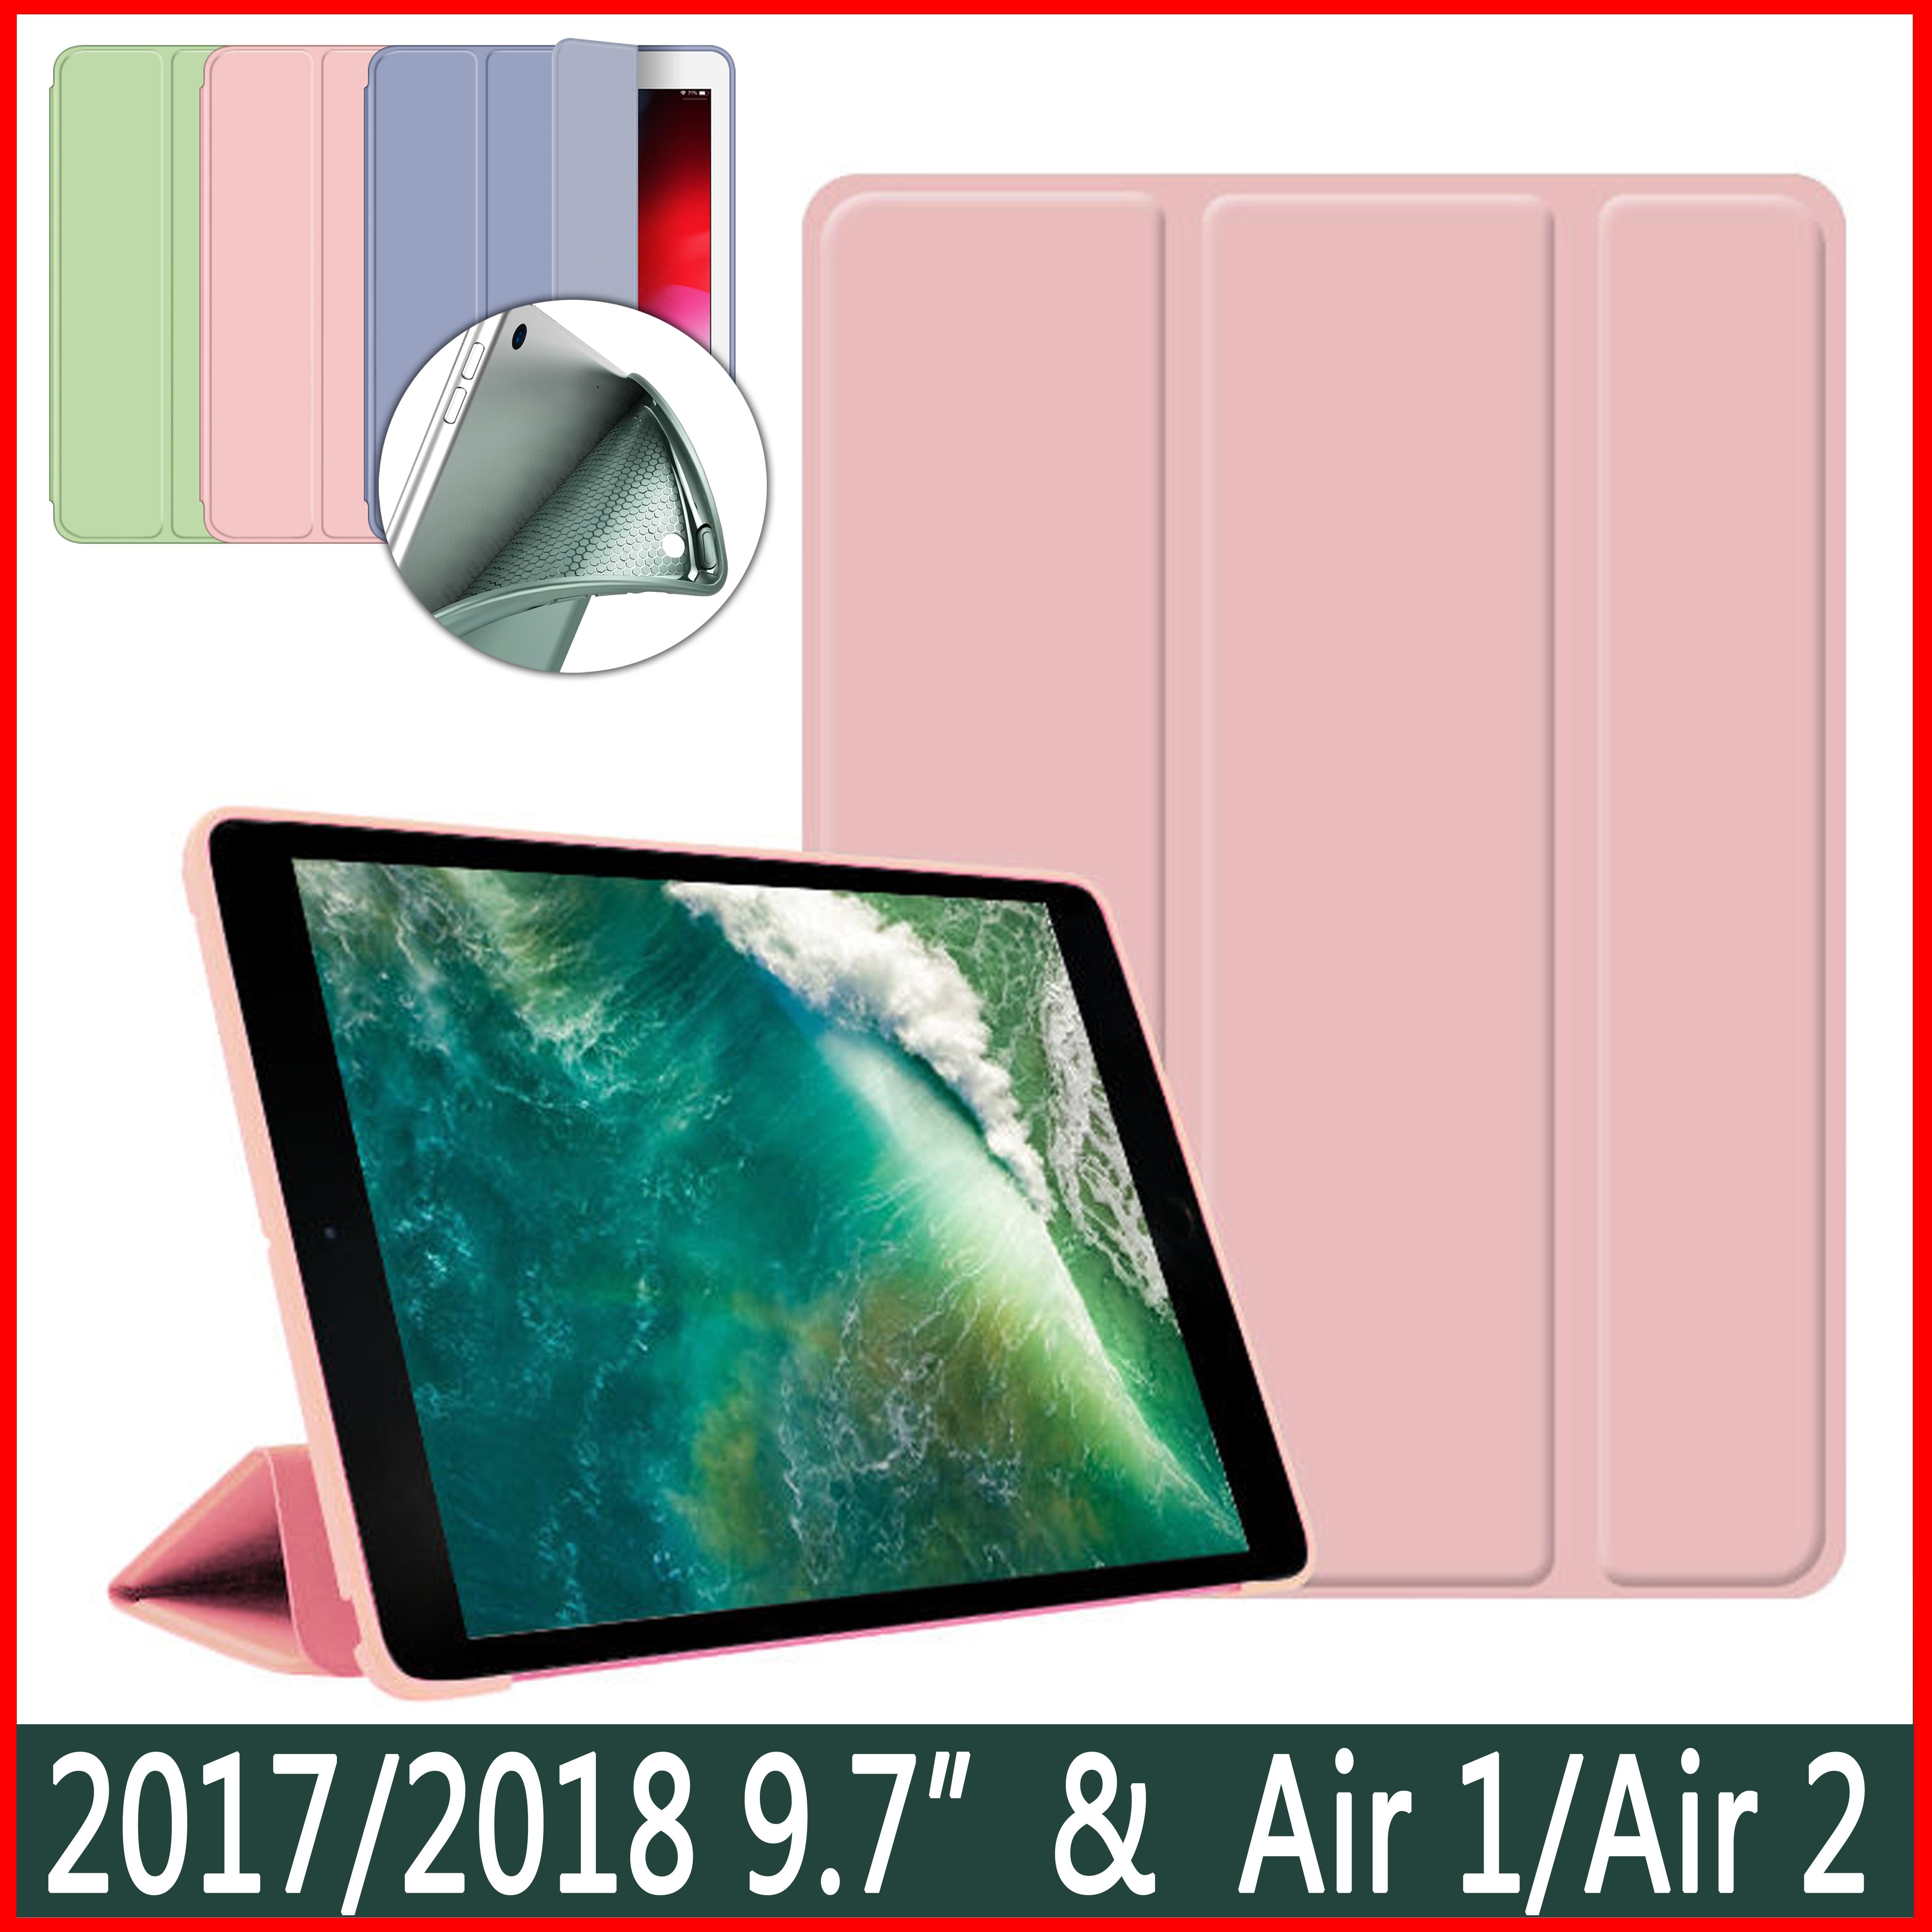 Funda para iPad 2017 2018 9,7 pulgadas Air 1 2, funda para 5. ª generación, funda magnética de TPU de silicona suave para despertar del sueño inteligente